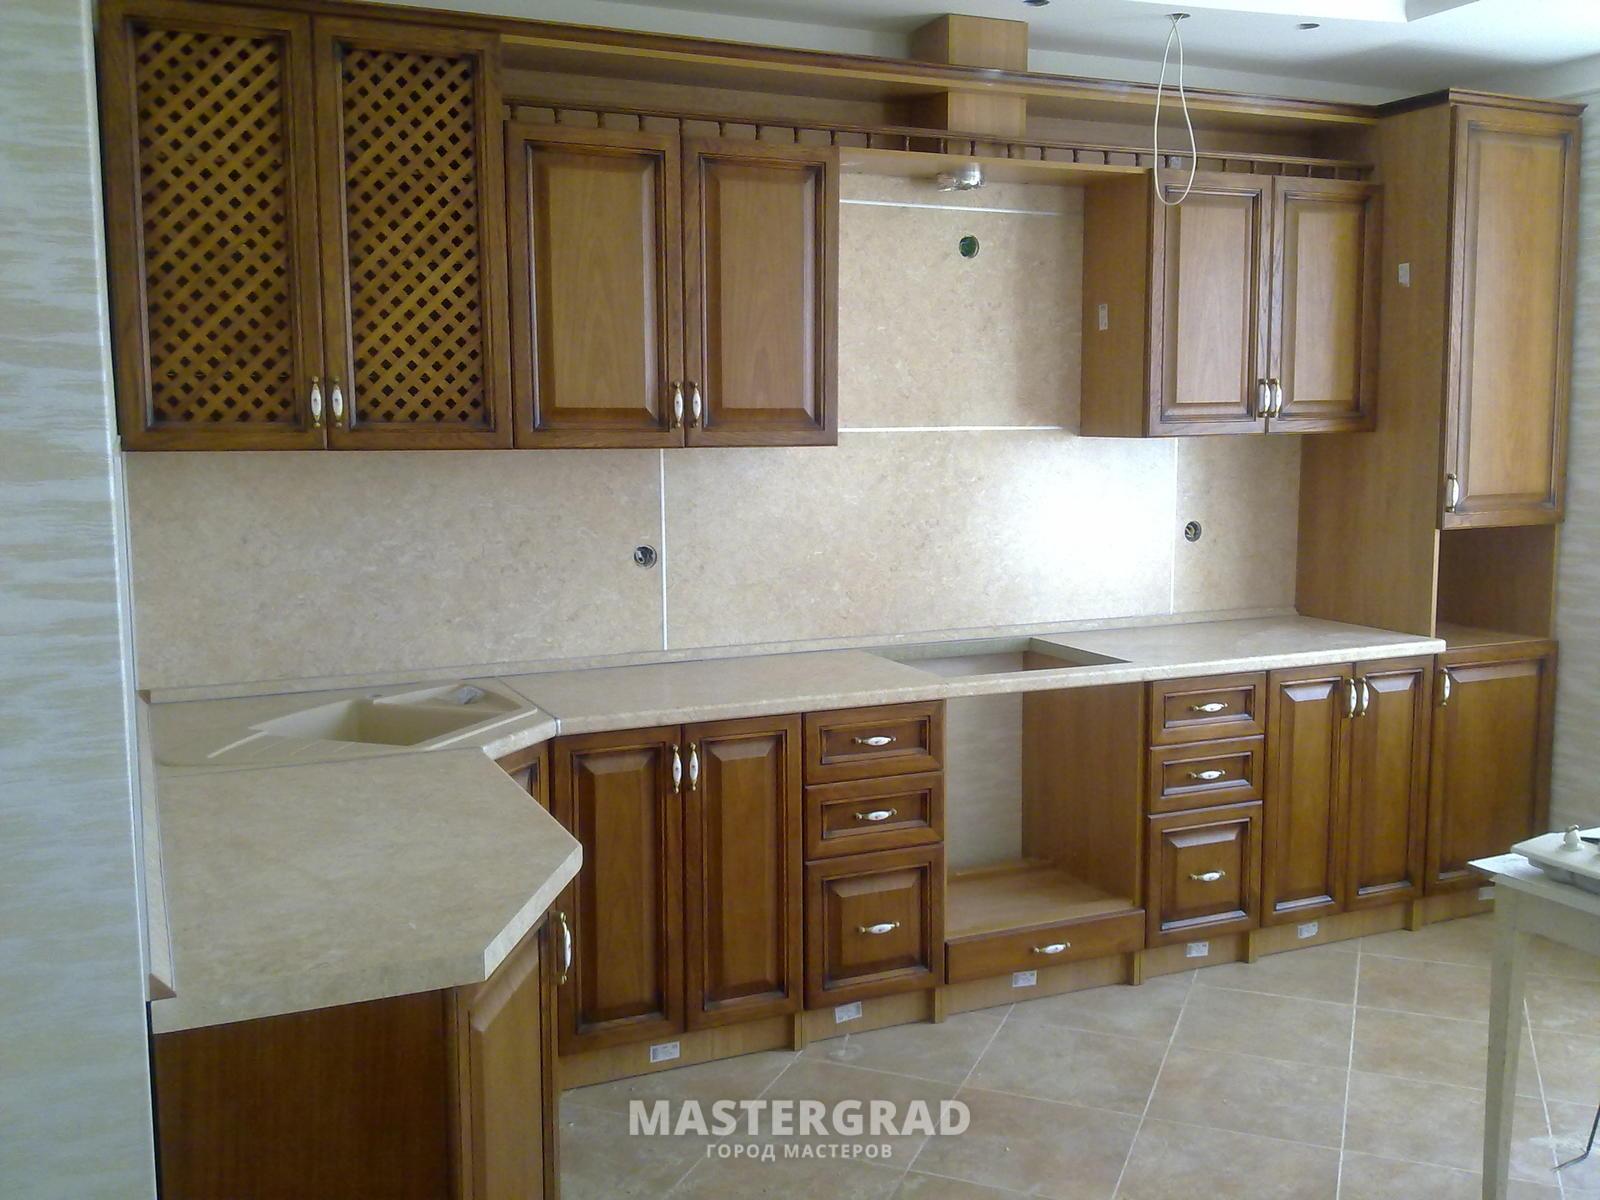 Как собрать кухонную мебель 87